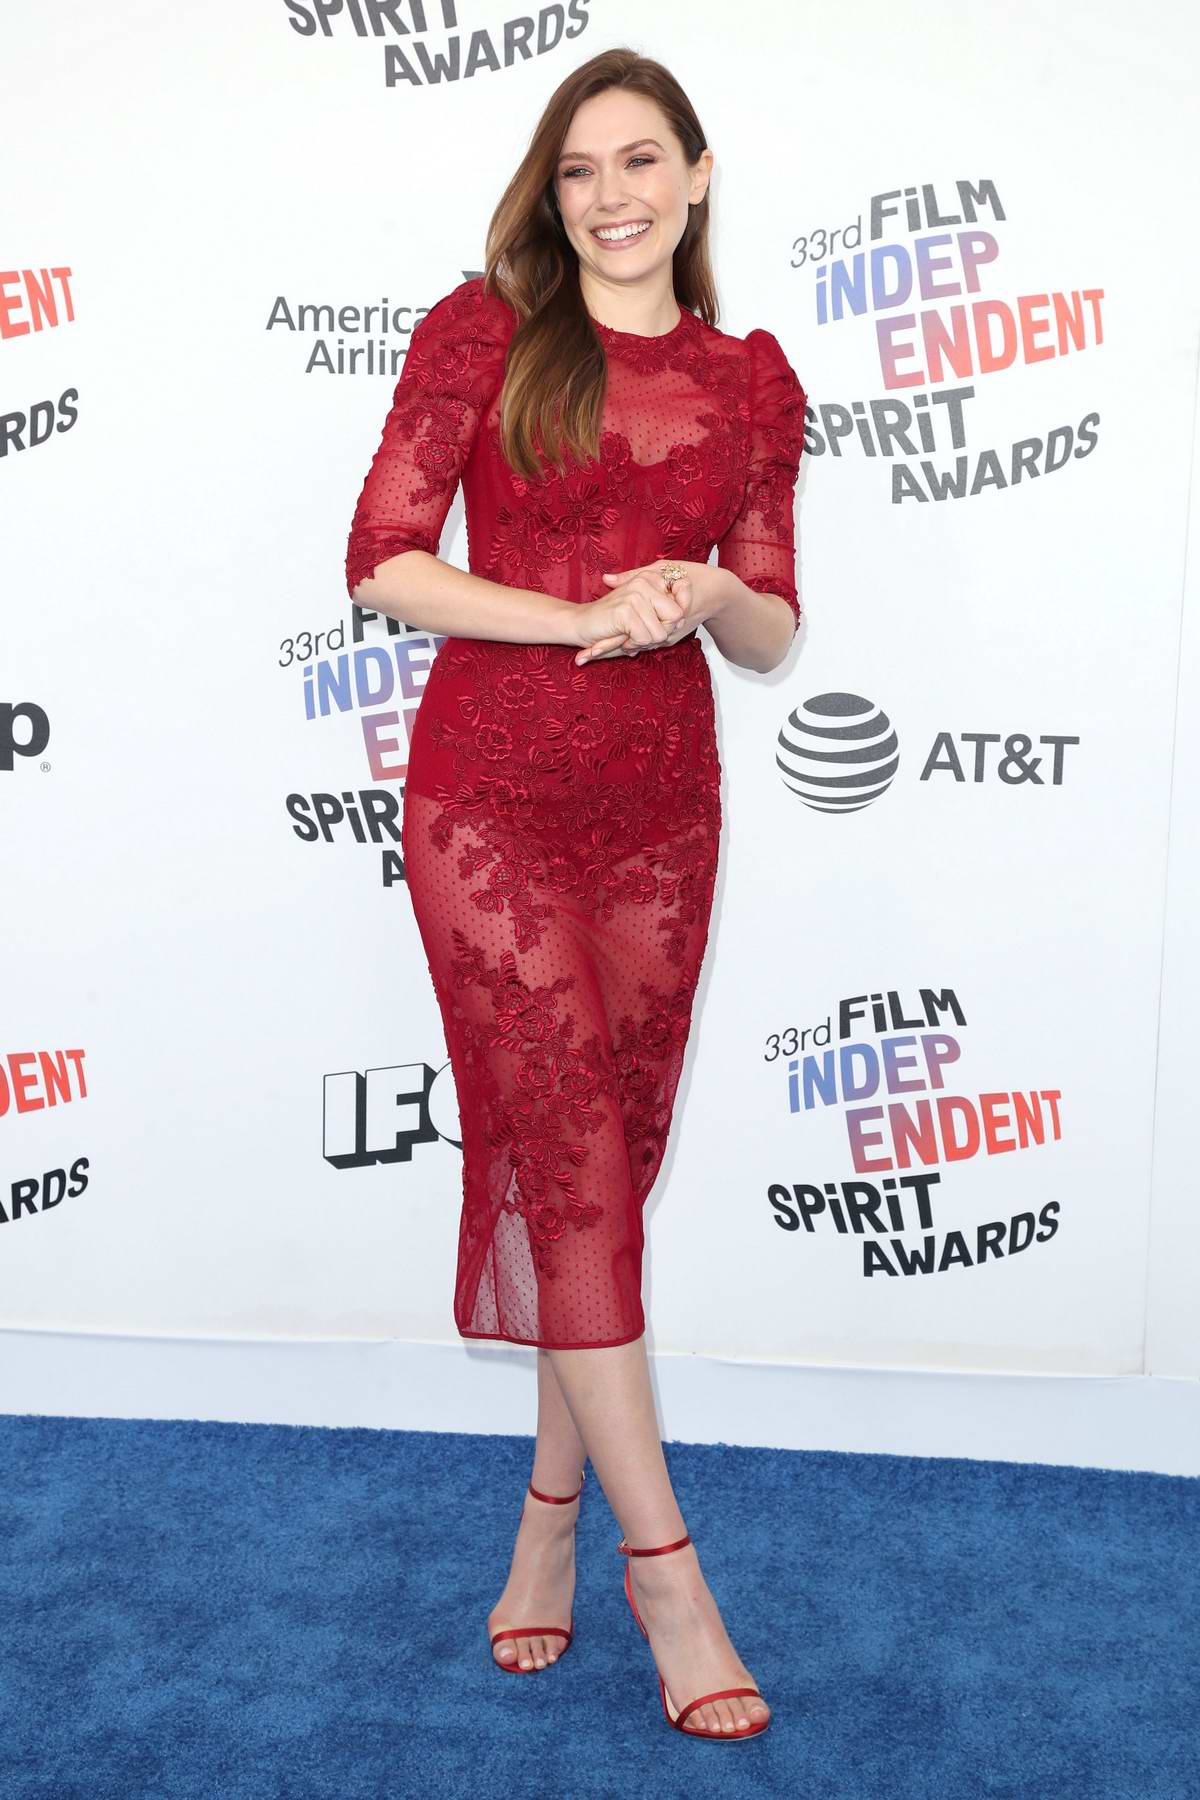 Elizabeth Olsen attends the 33rd Film Independent Spirit Awards in Los Angeles